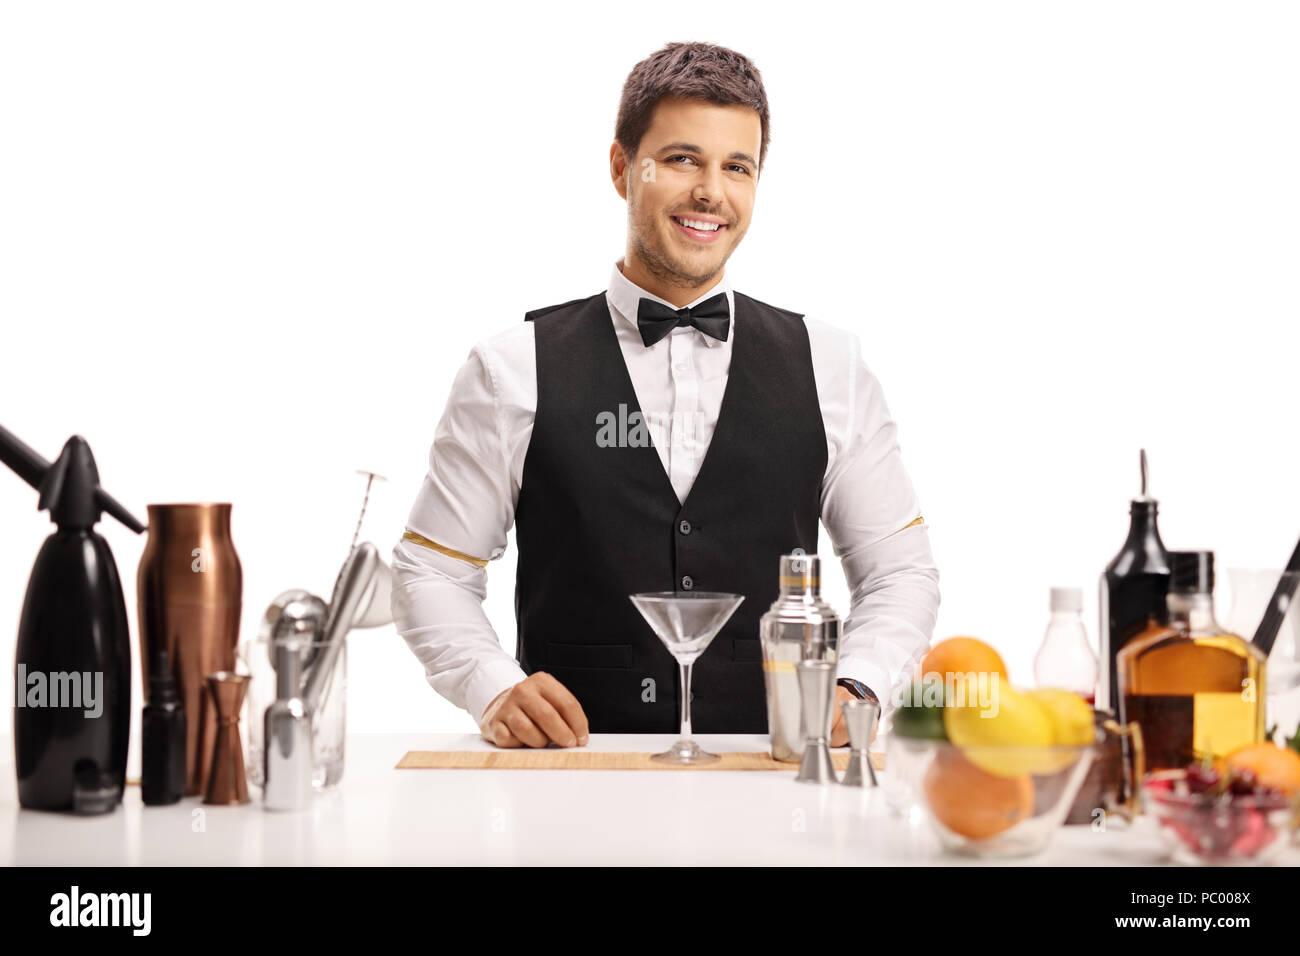 Barkeeper suchen an der Kamera und lächelnd auf weißem Hintergrund Stockbild